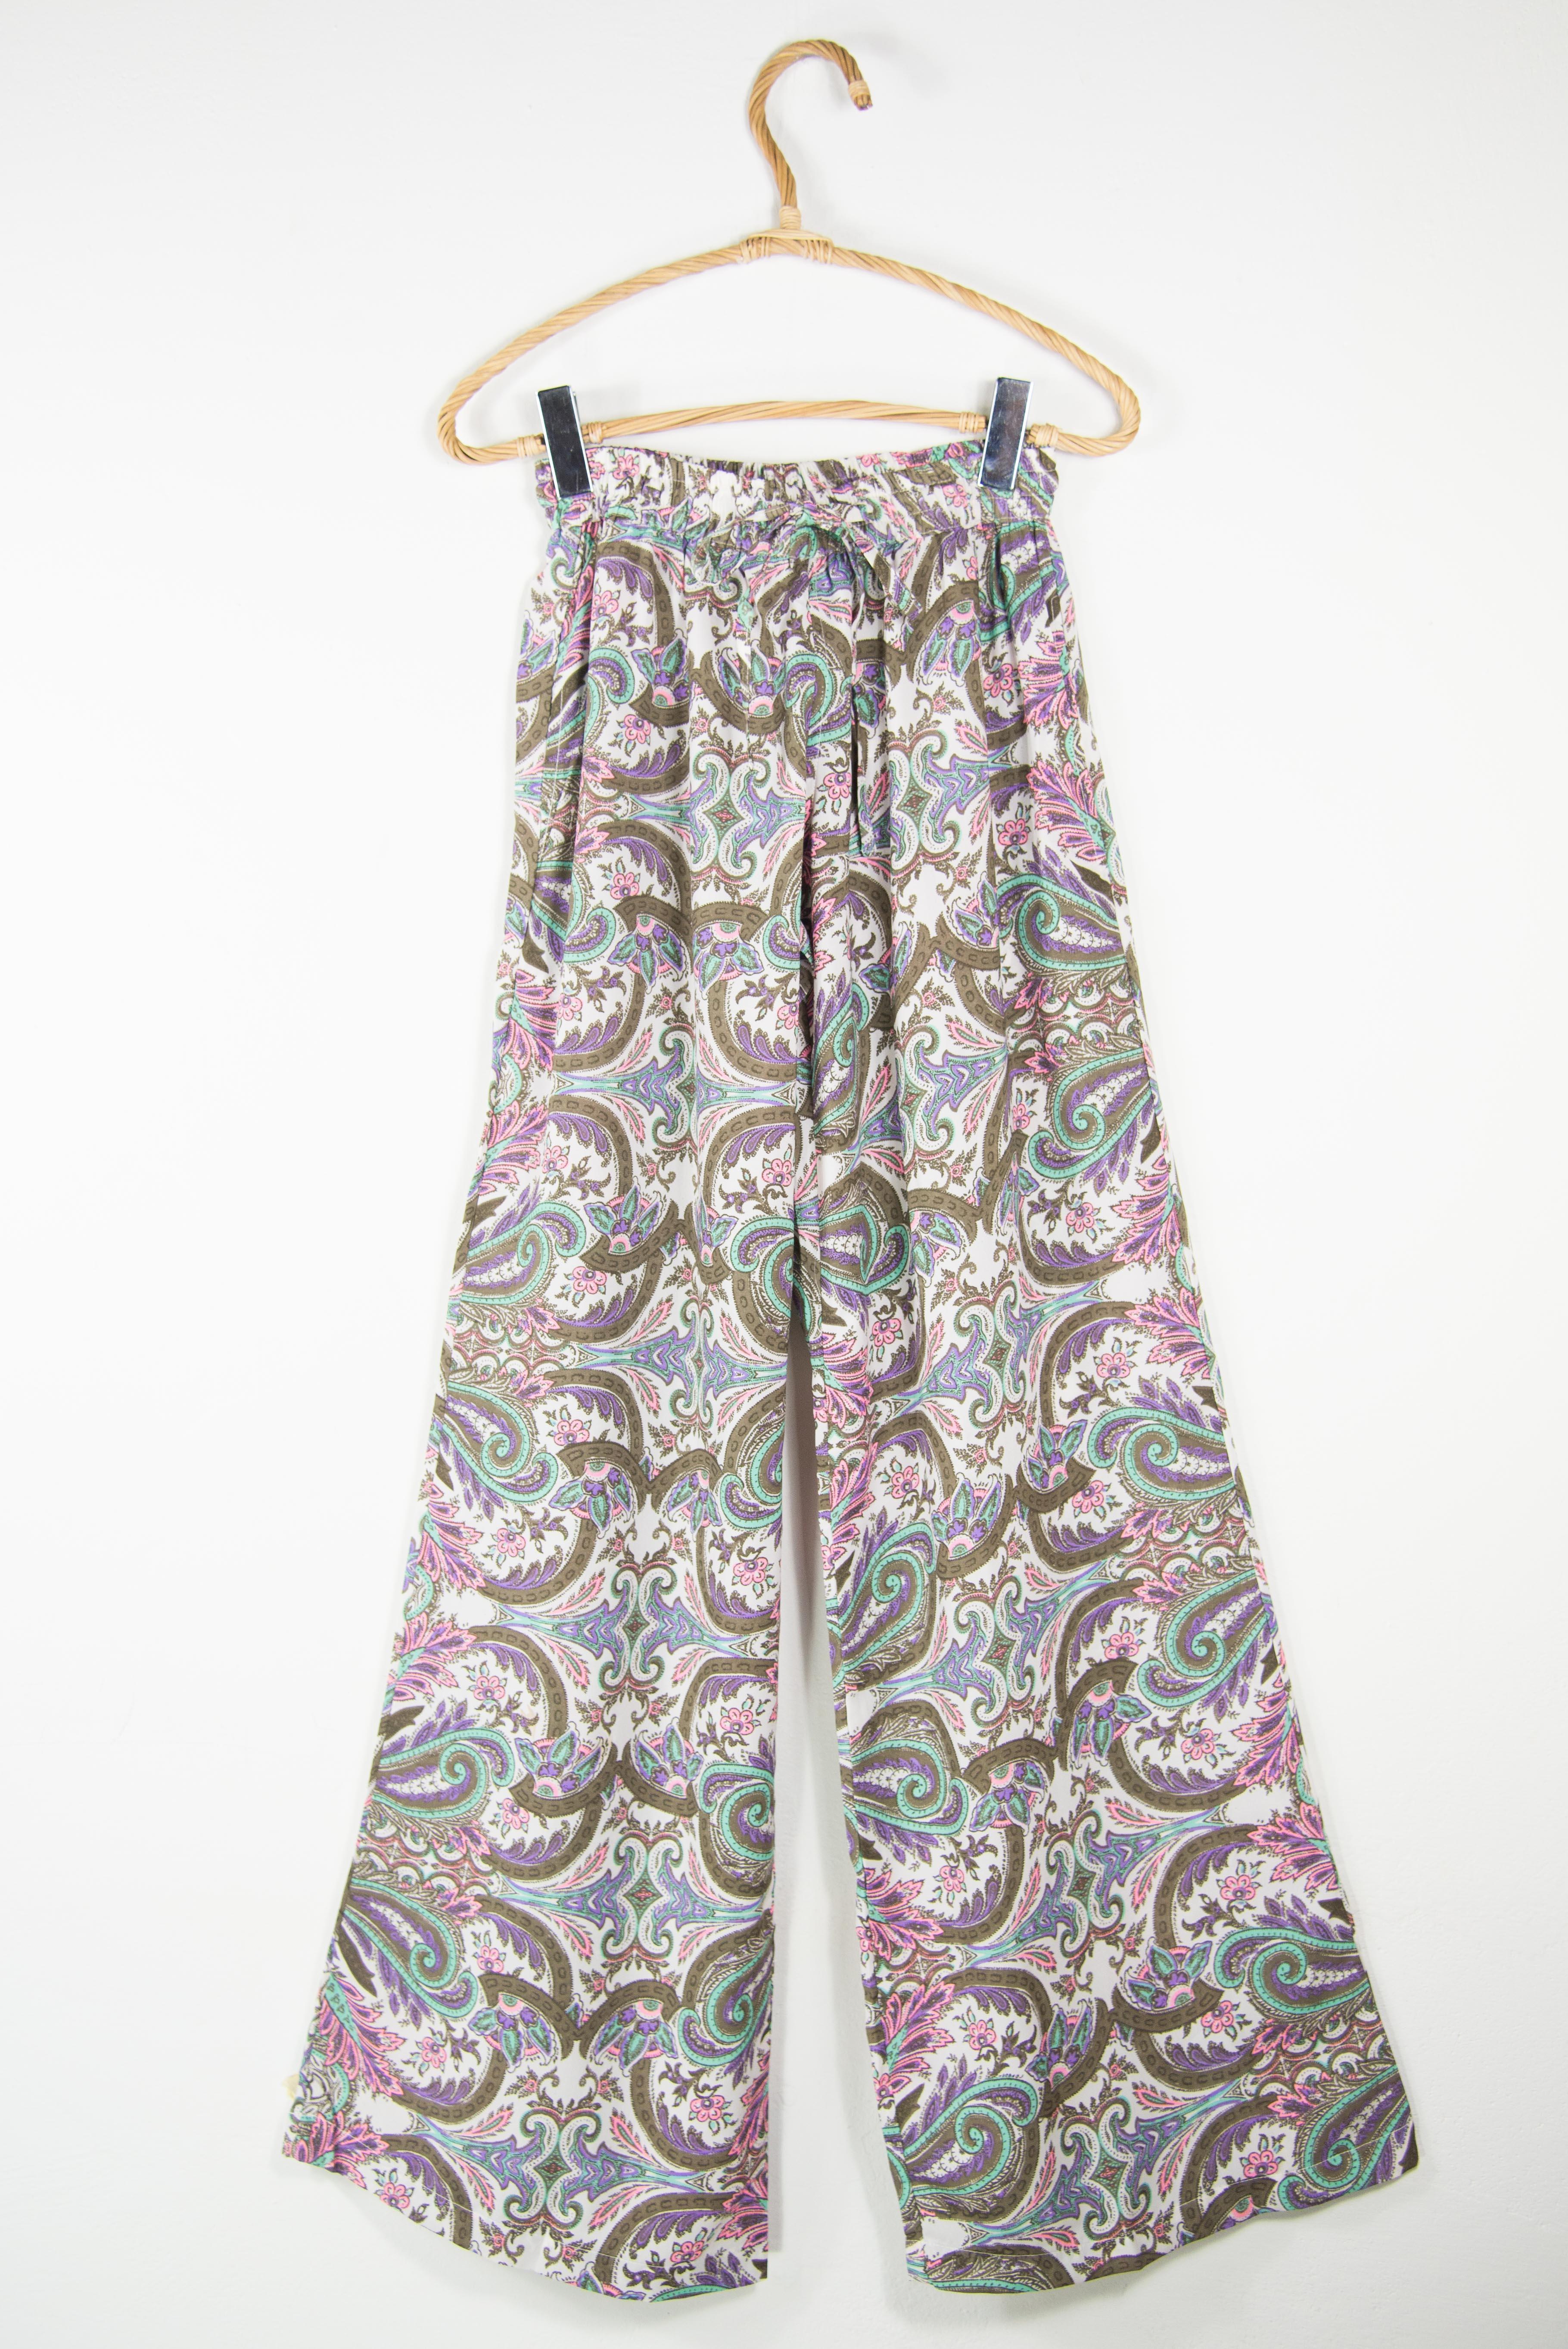 Pantalon long de femme d'été | Vente de vêtements en ligne